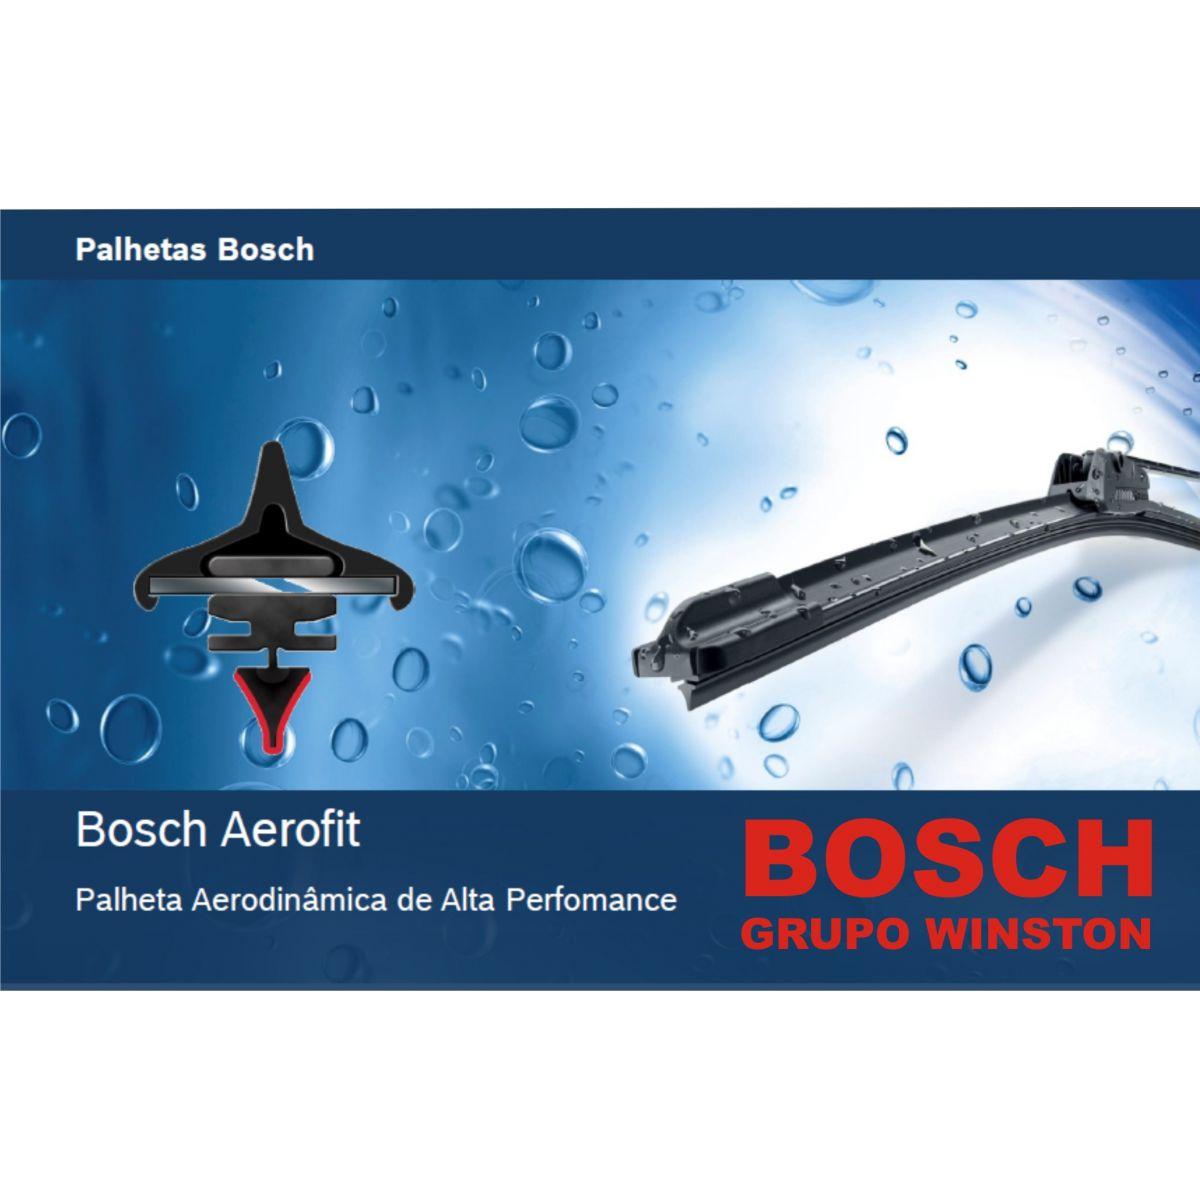 Palheta Bosch Aerofit Limpador de para brisa Bosch FIAT Freemont 2011 em diante